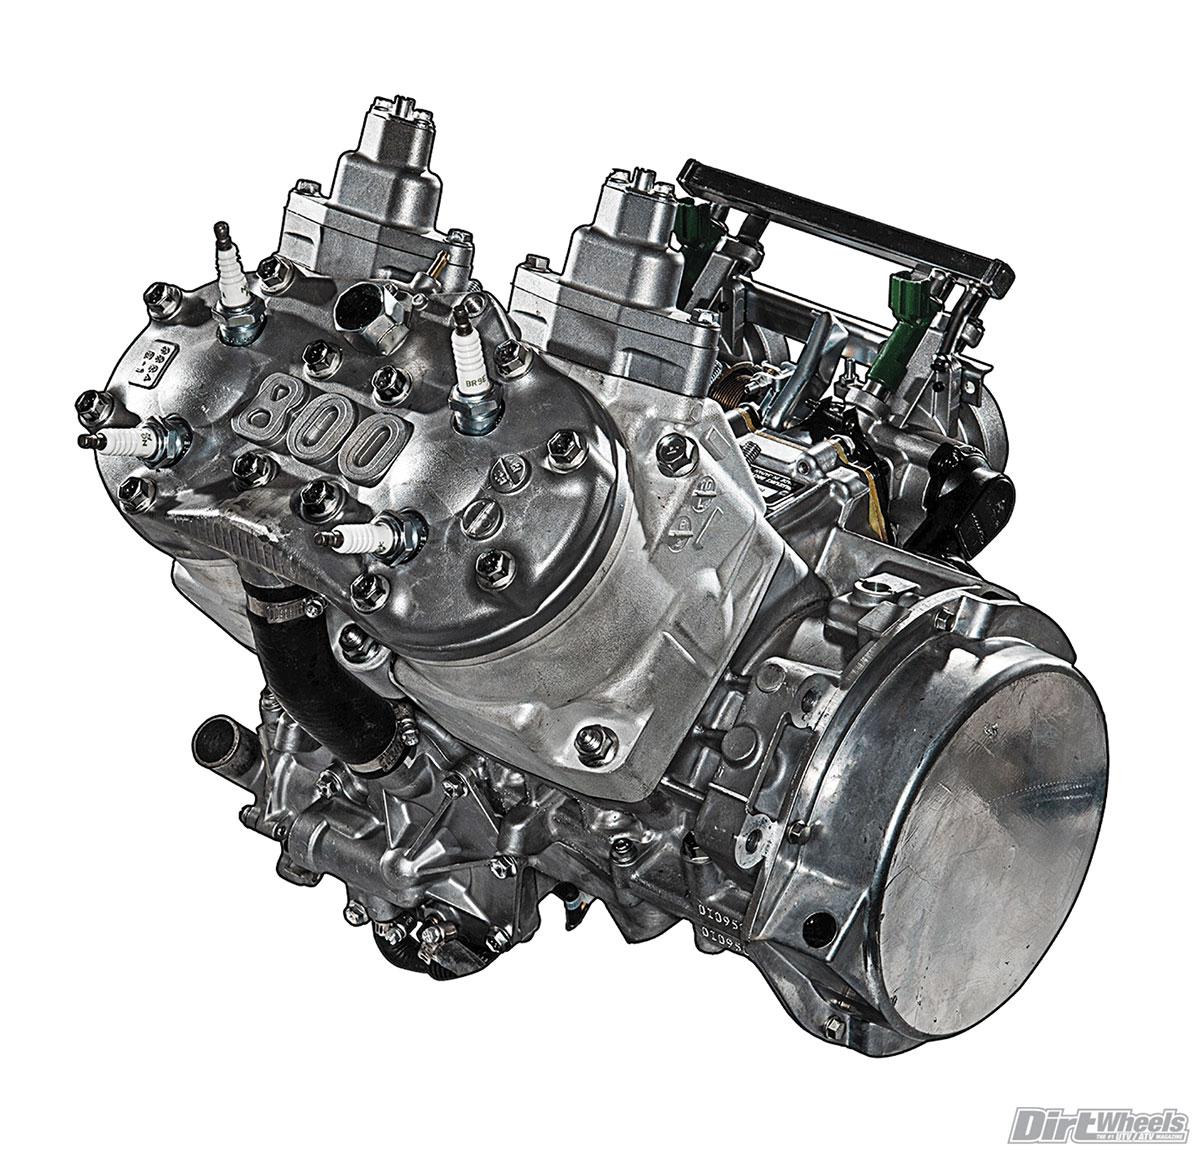 2006 Ford 500 Serpentine Belt Diagram Engine 1200x1153